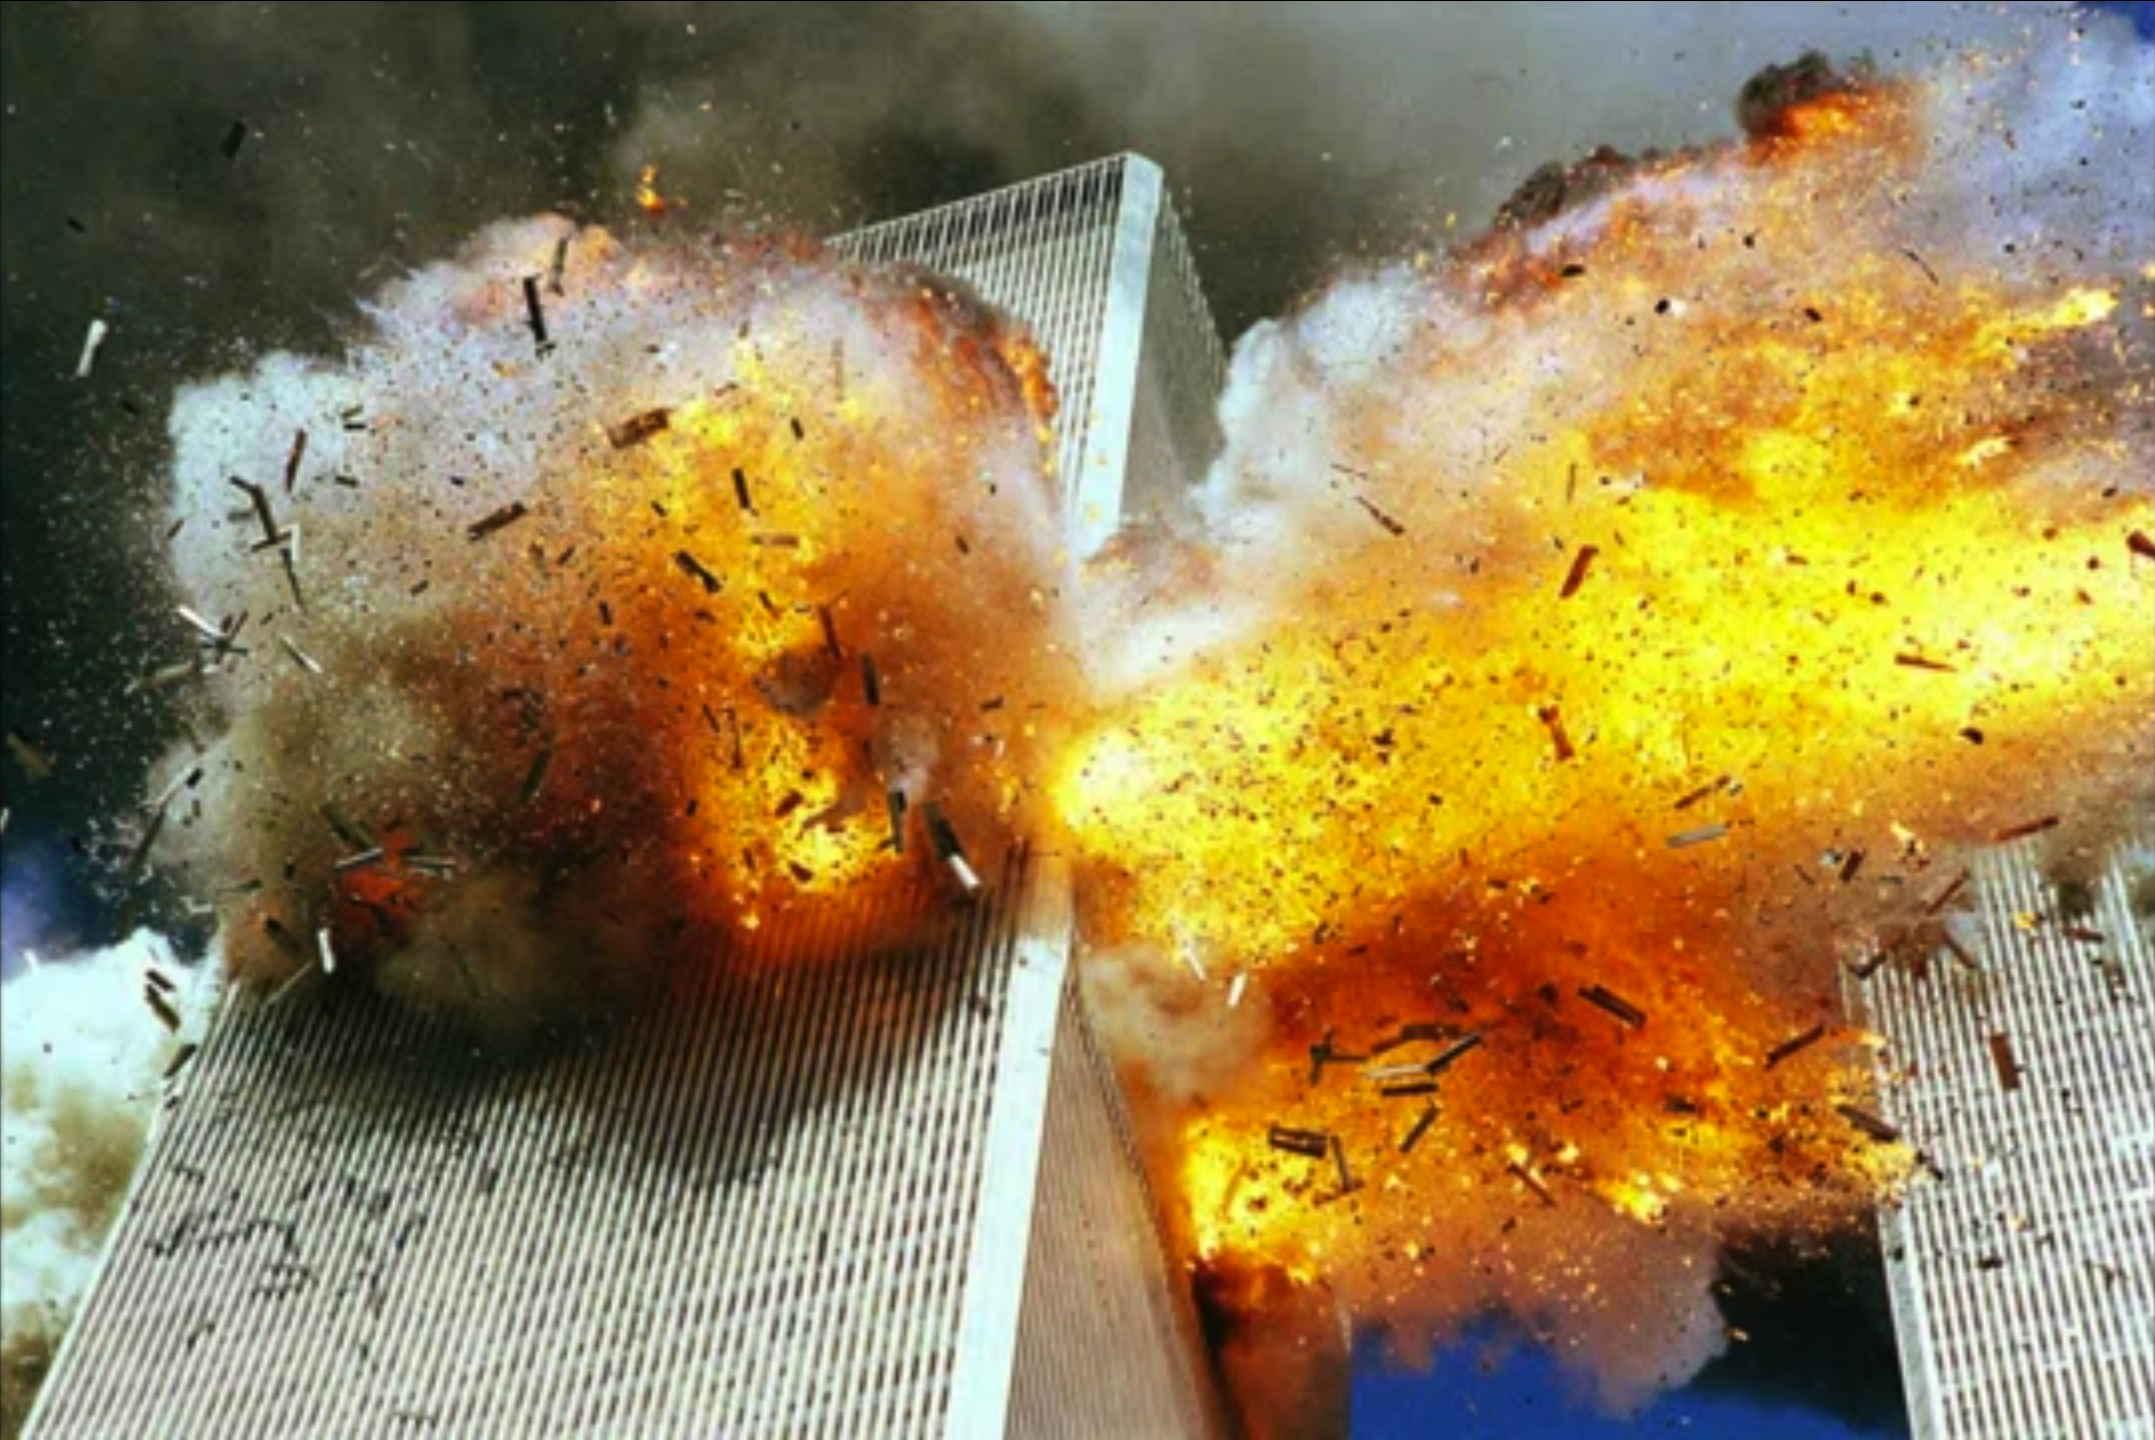 Bildschirmfoto 911 aluteile der Verkleidung des WTC fliegen umher